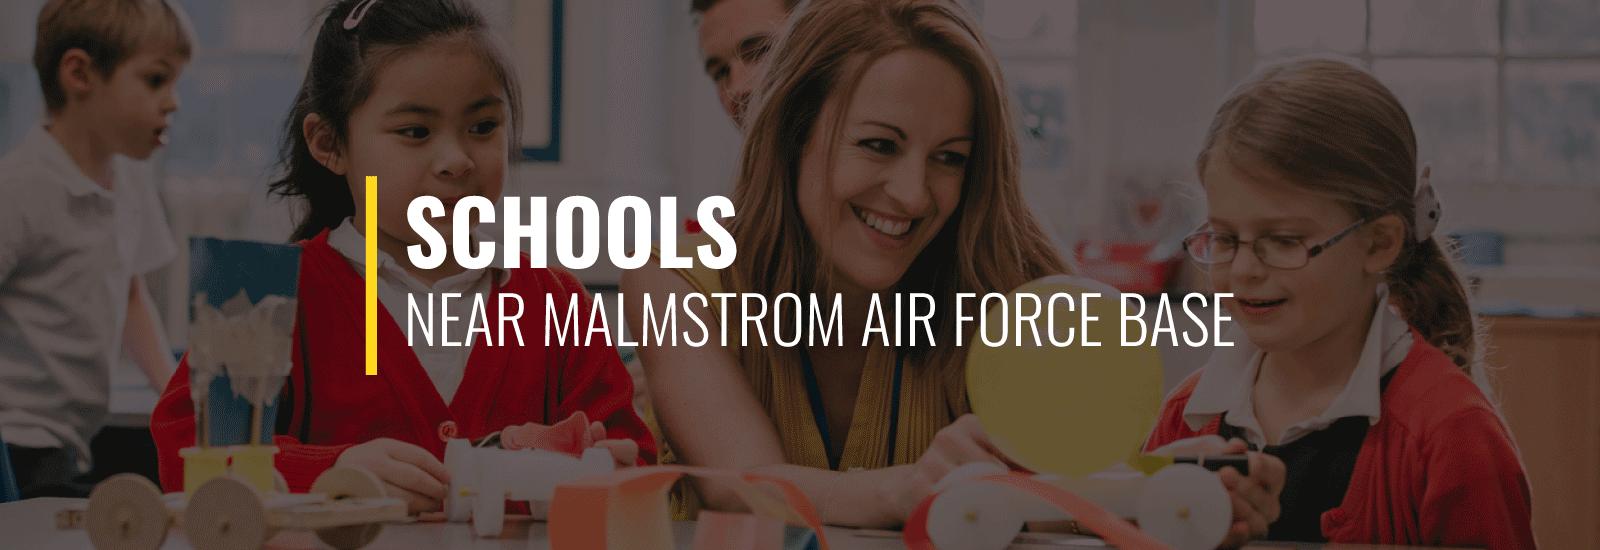 Malmstrom AFB Schools